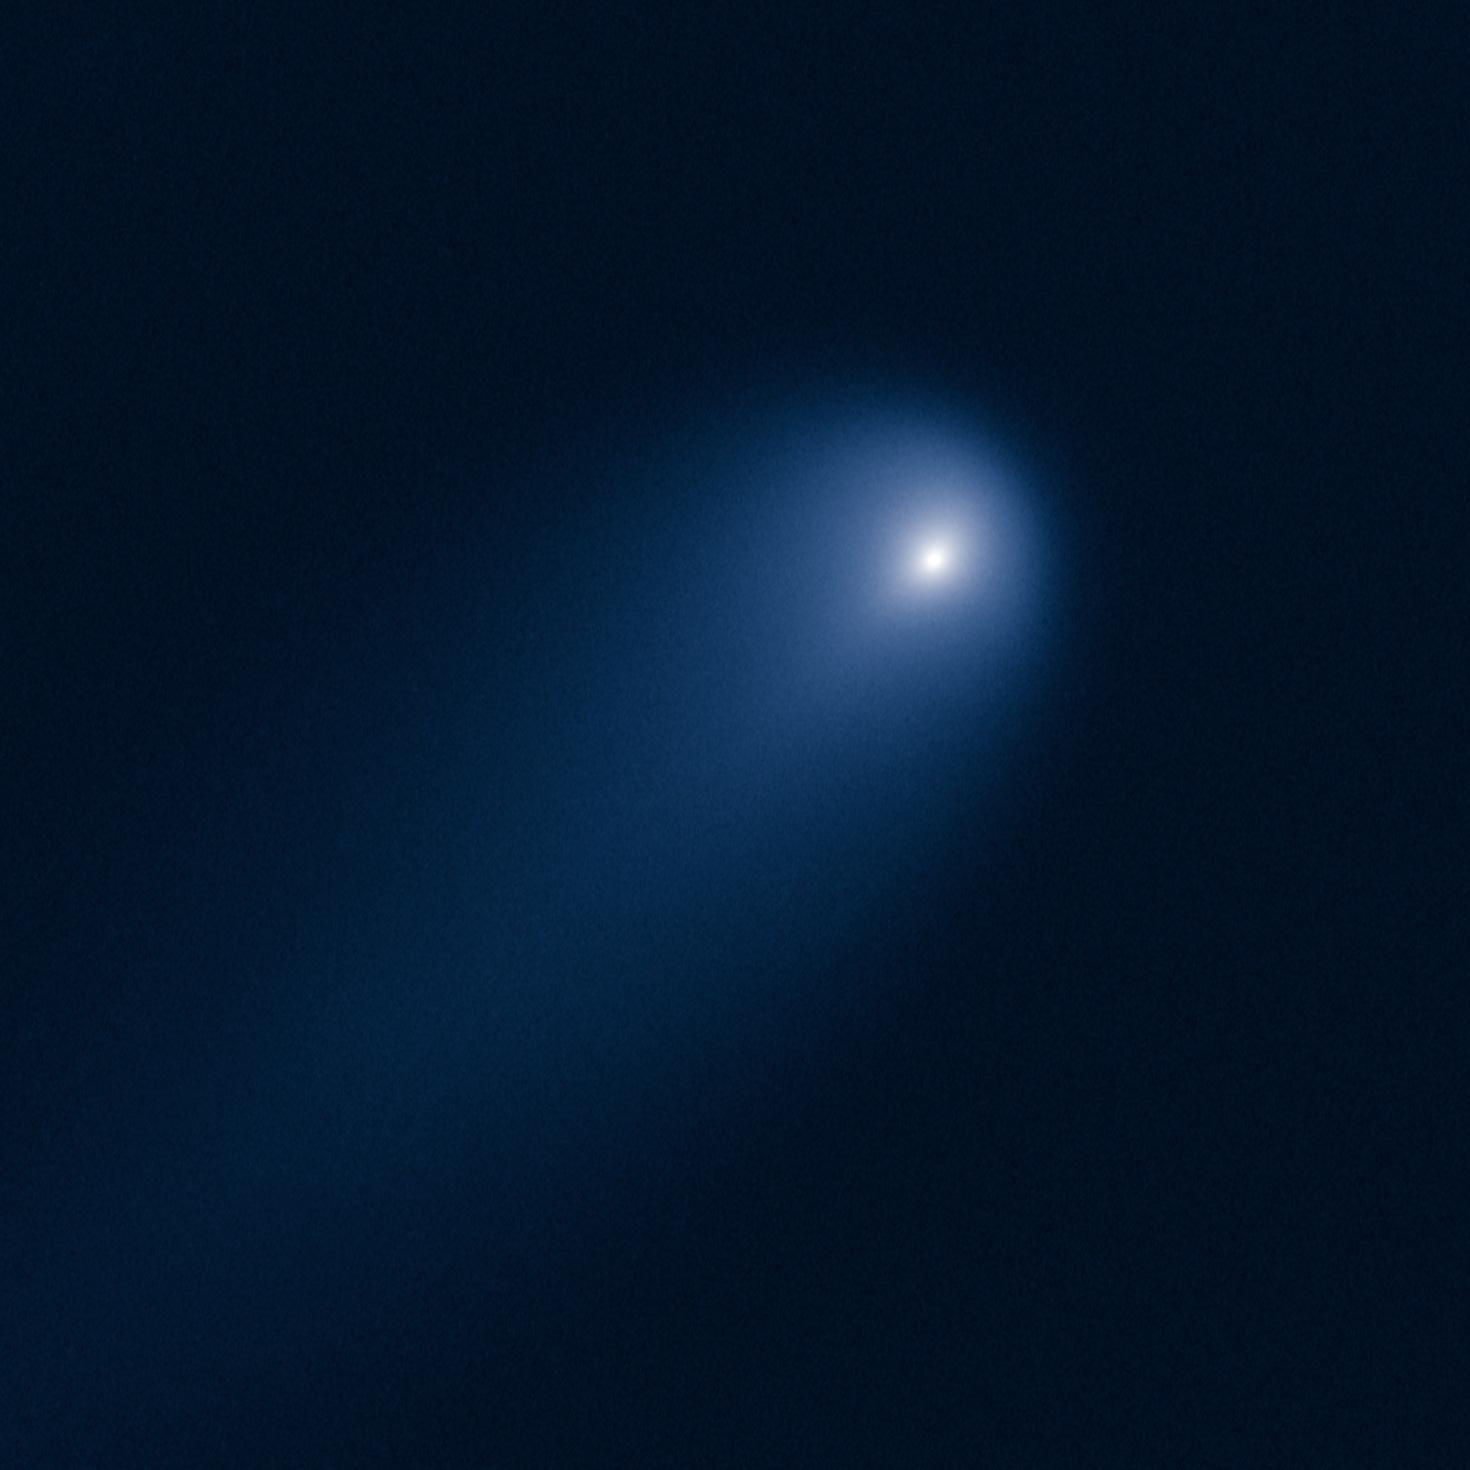 Cometa ISON - Wikipedia